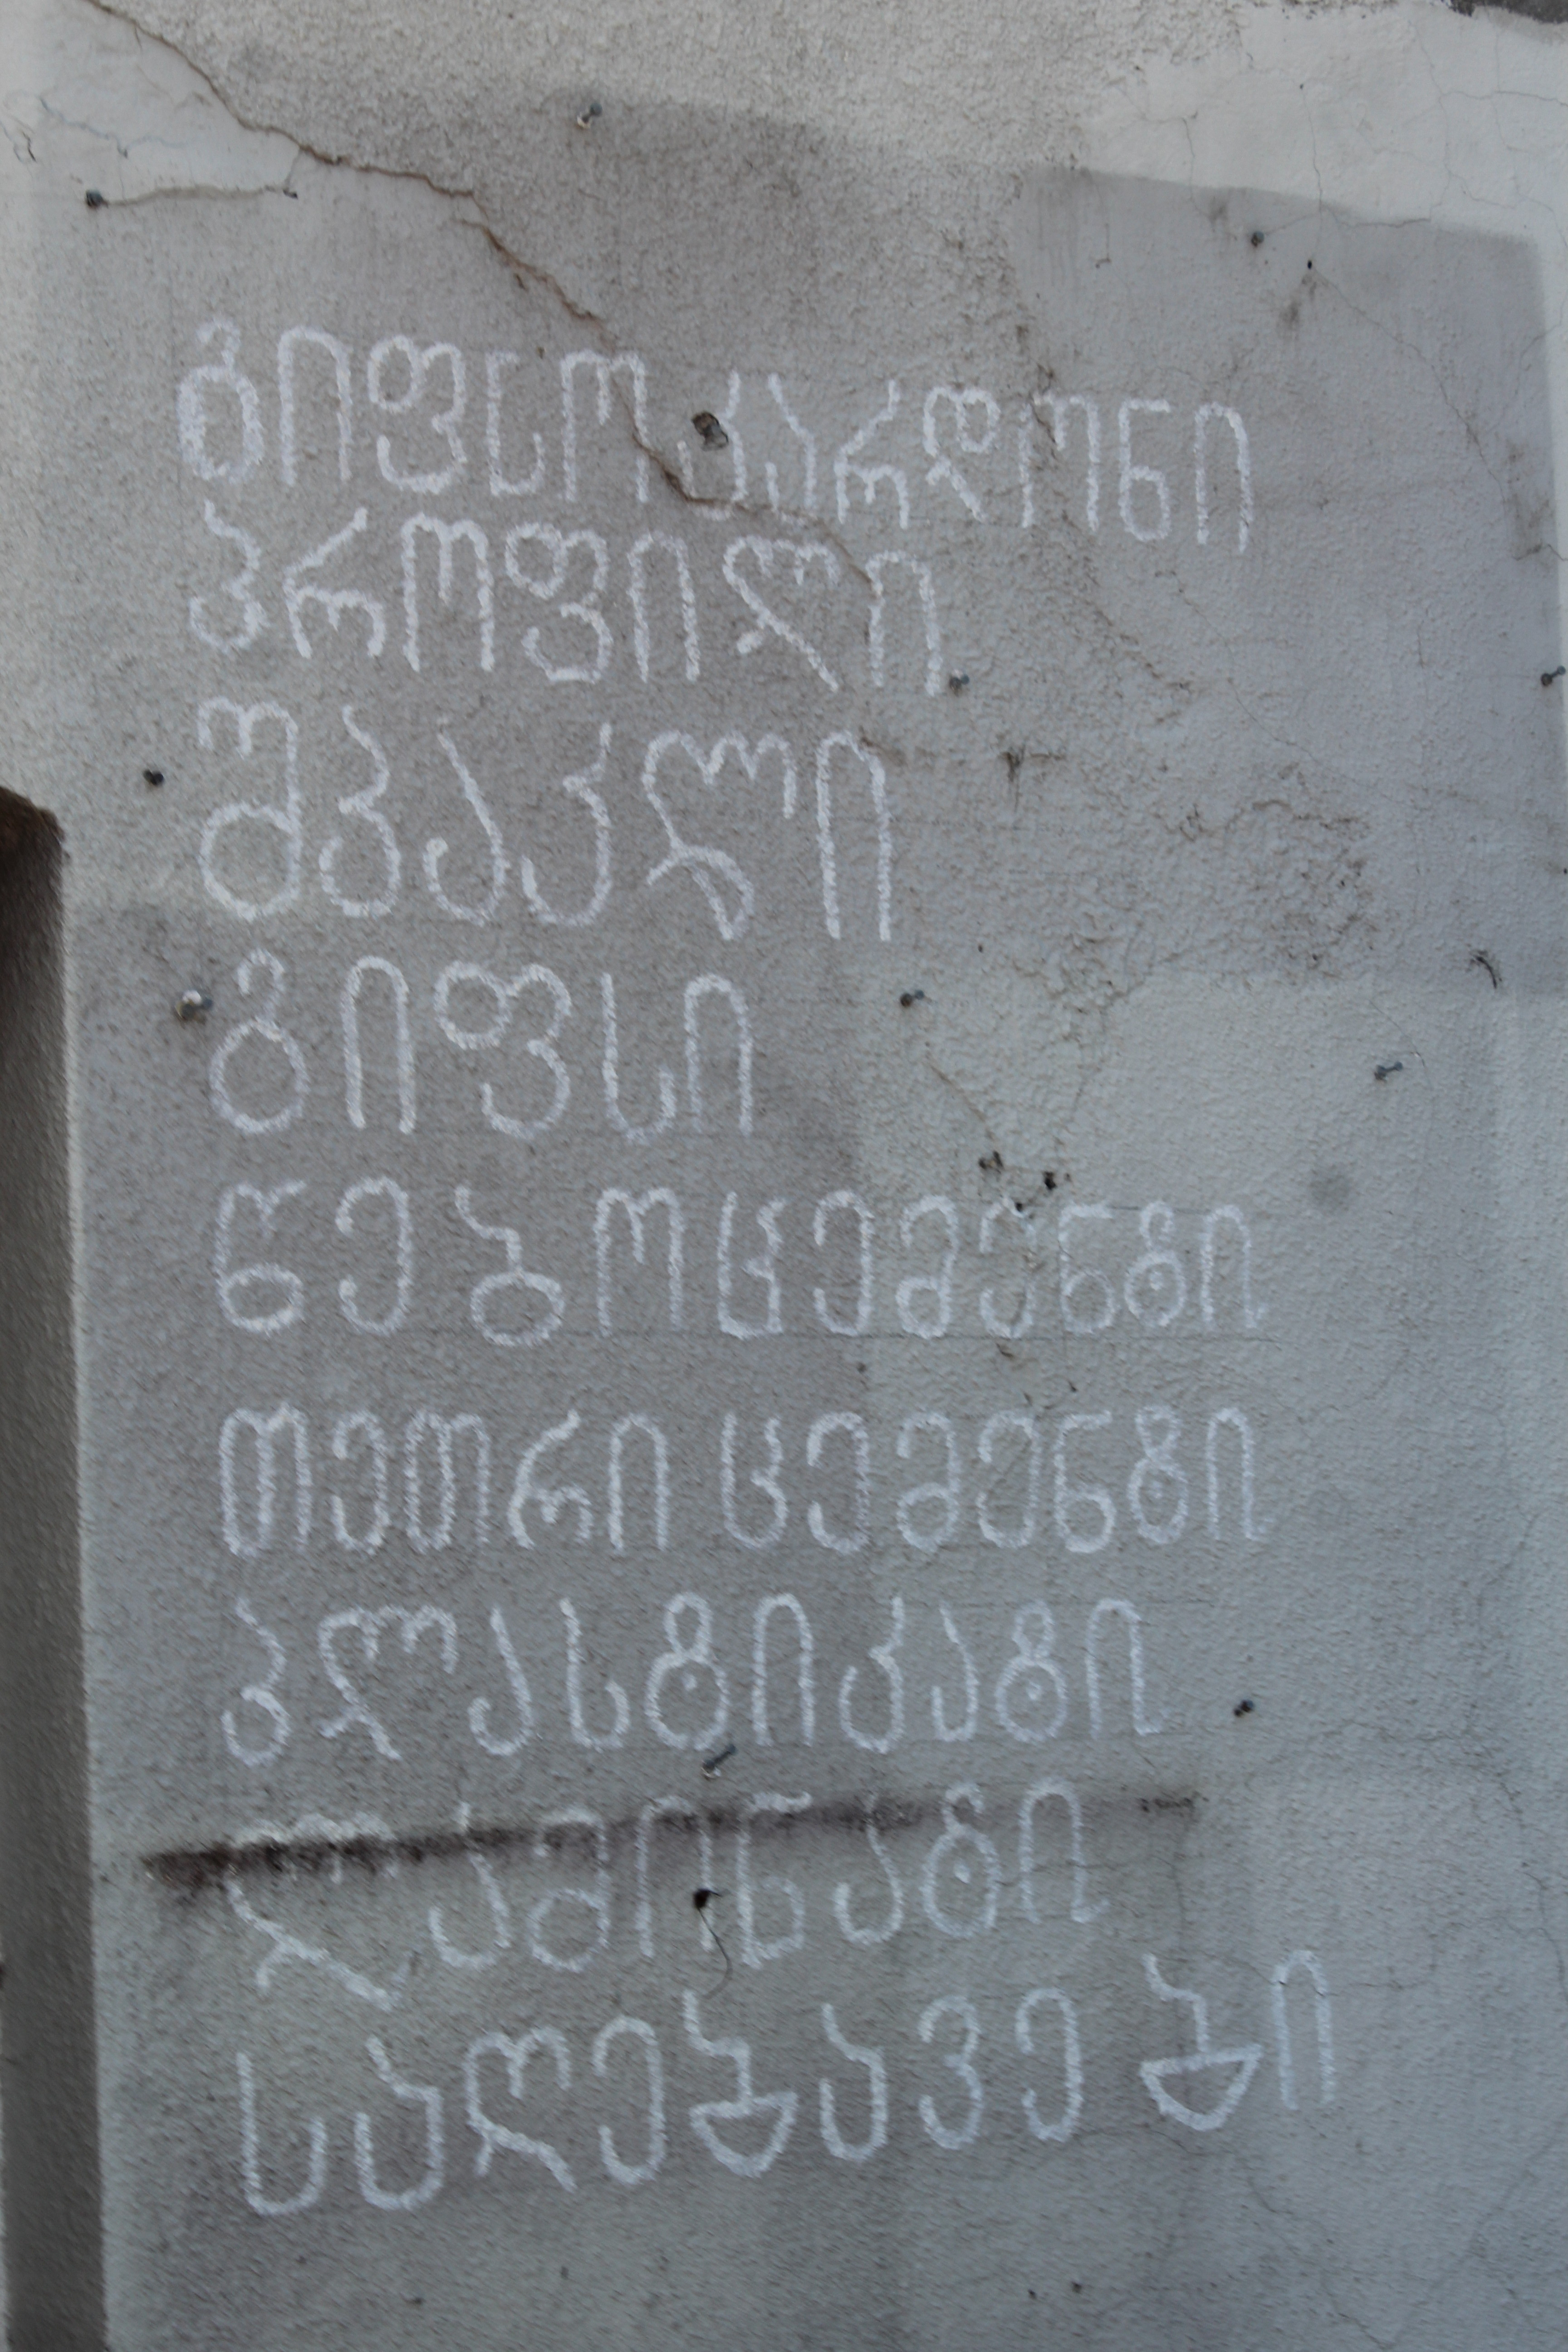 IMG 8182 — Chkhorotsku,Ge